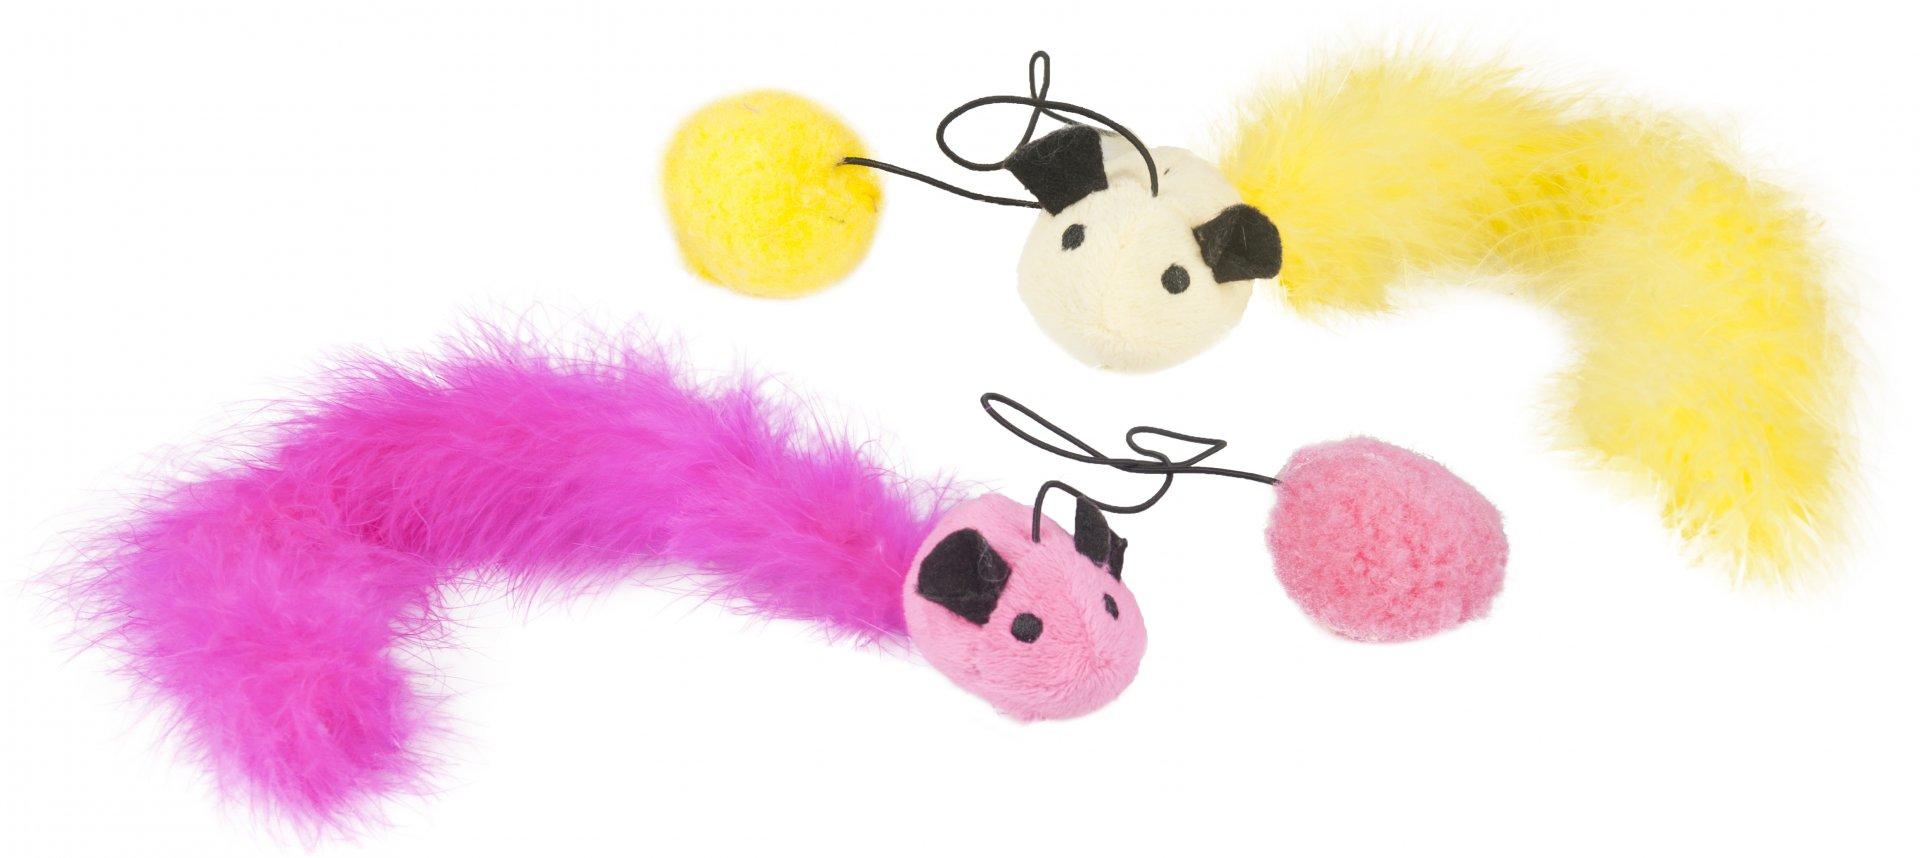 Flamingo Hračka pro kočky Myš s balonkem 60cm